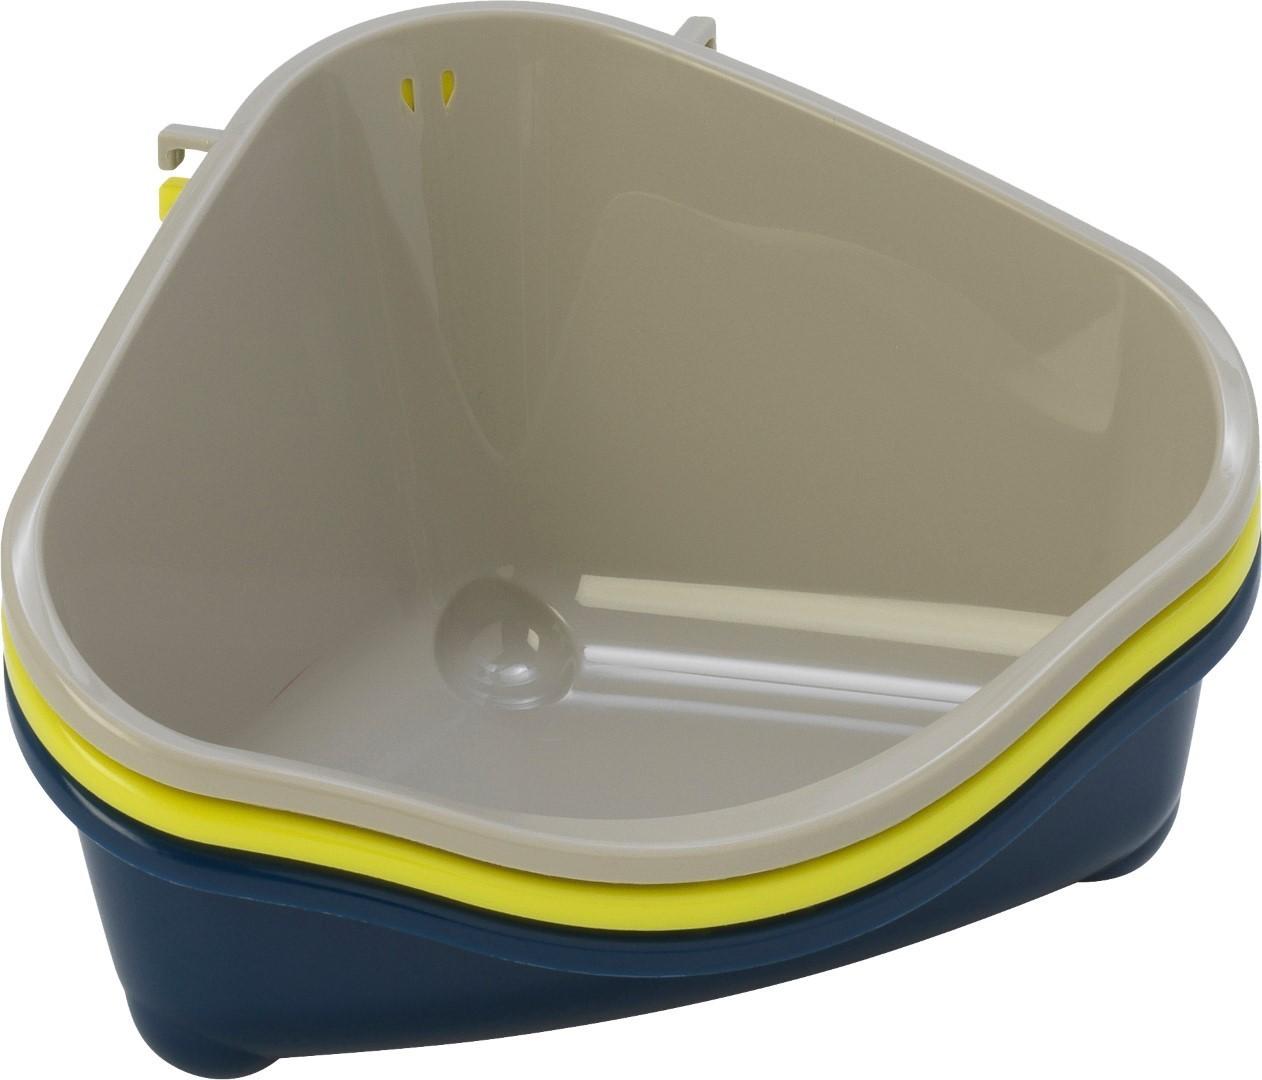 Moderna plastic klein knaagdiertoilet met haak warmgrijs